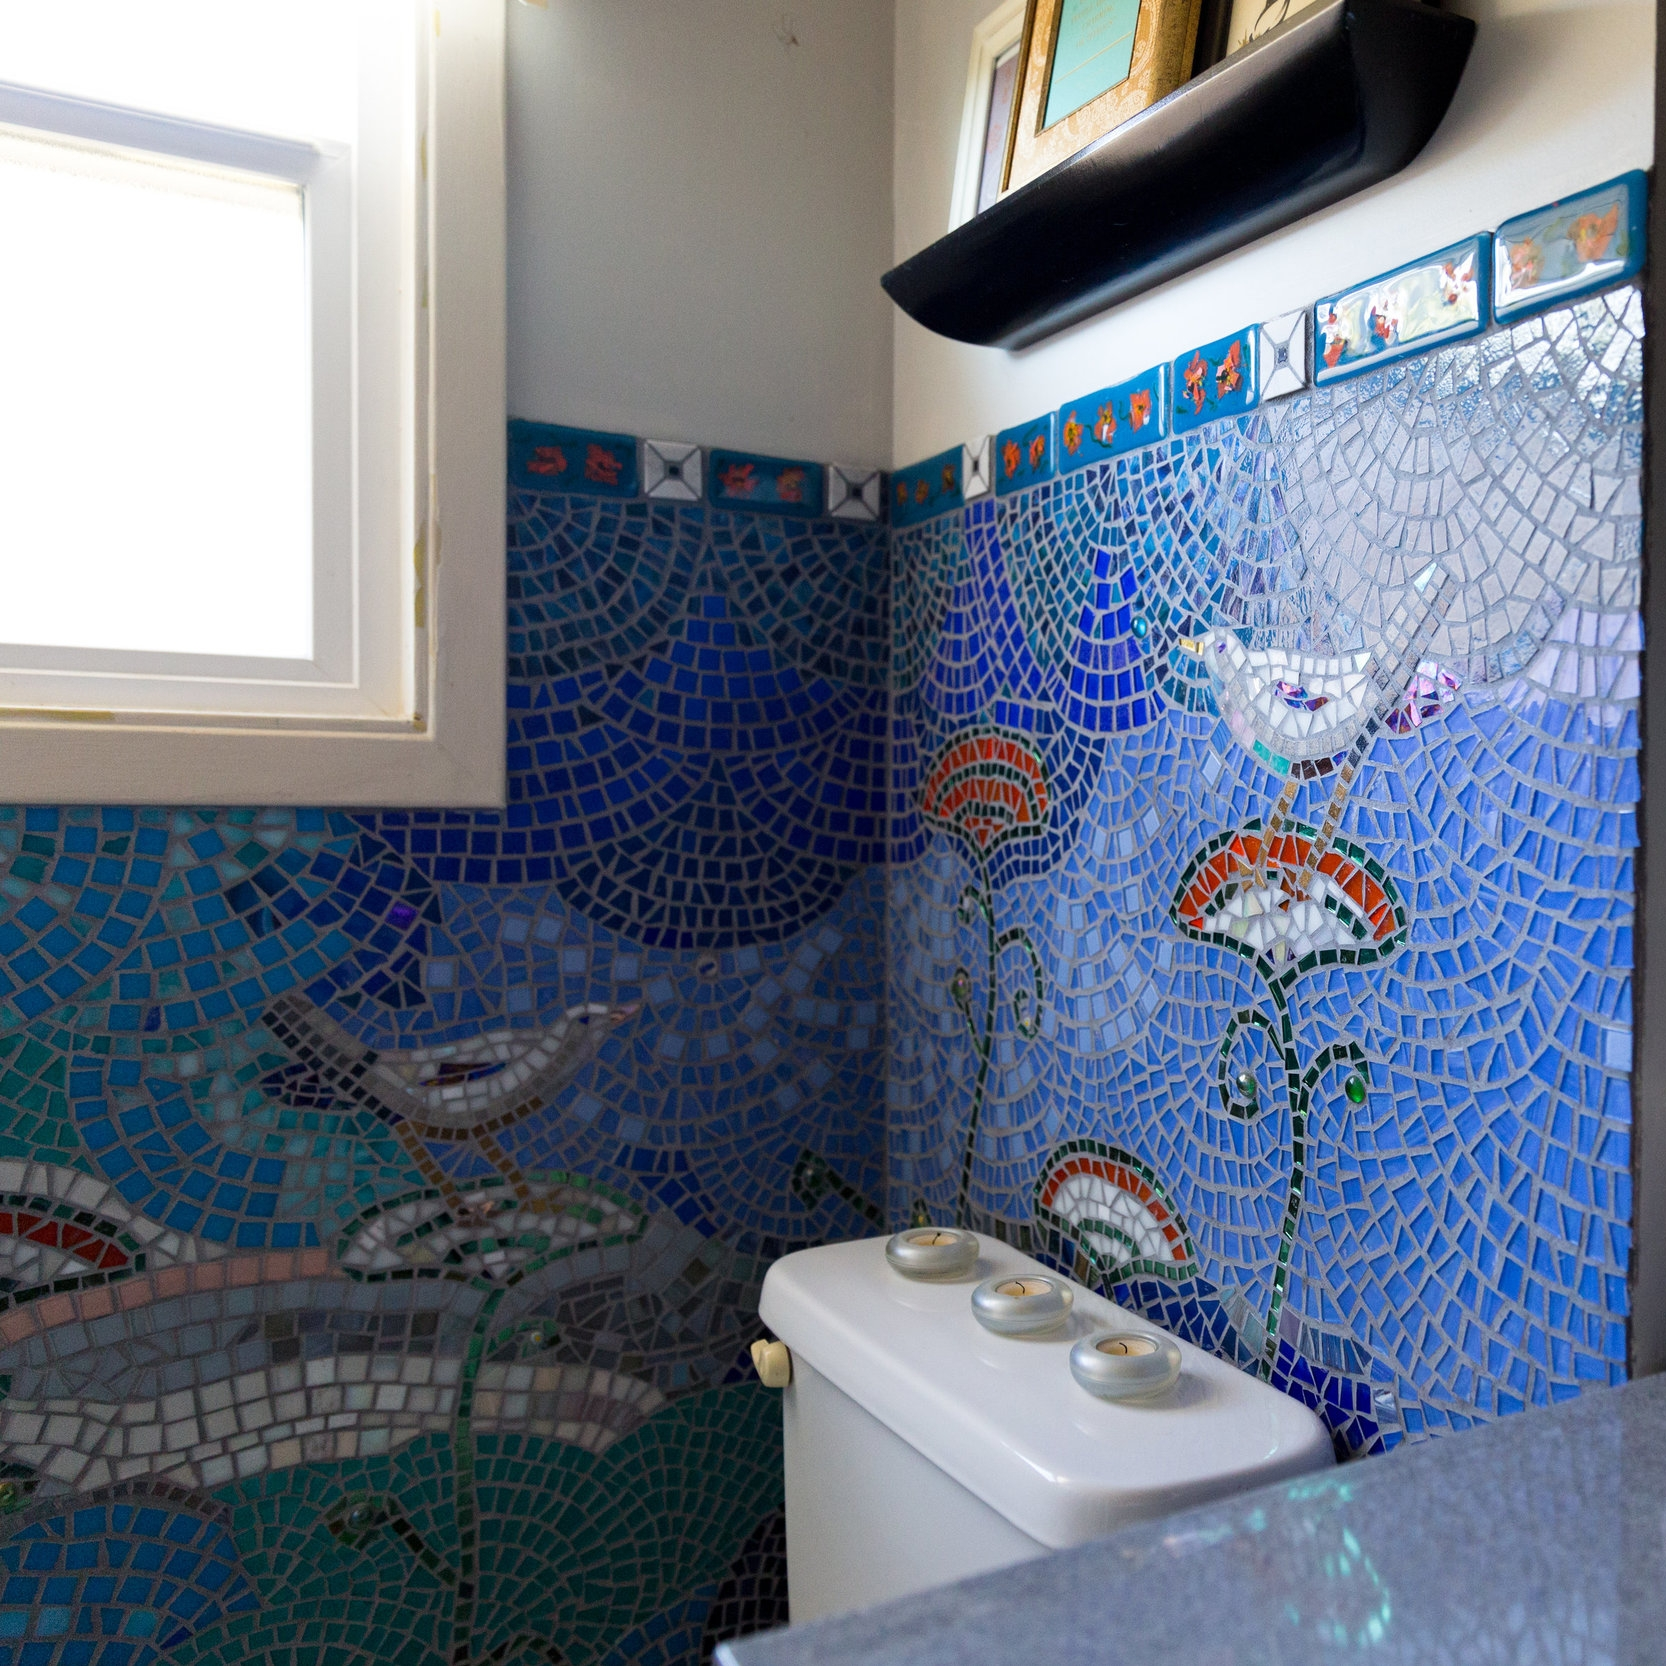 BIRD GARDEN BATHROOM WALL